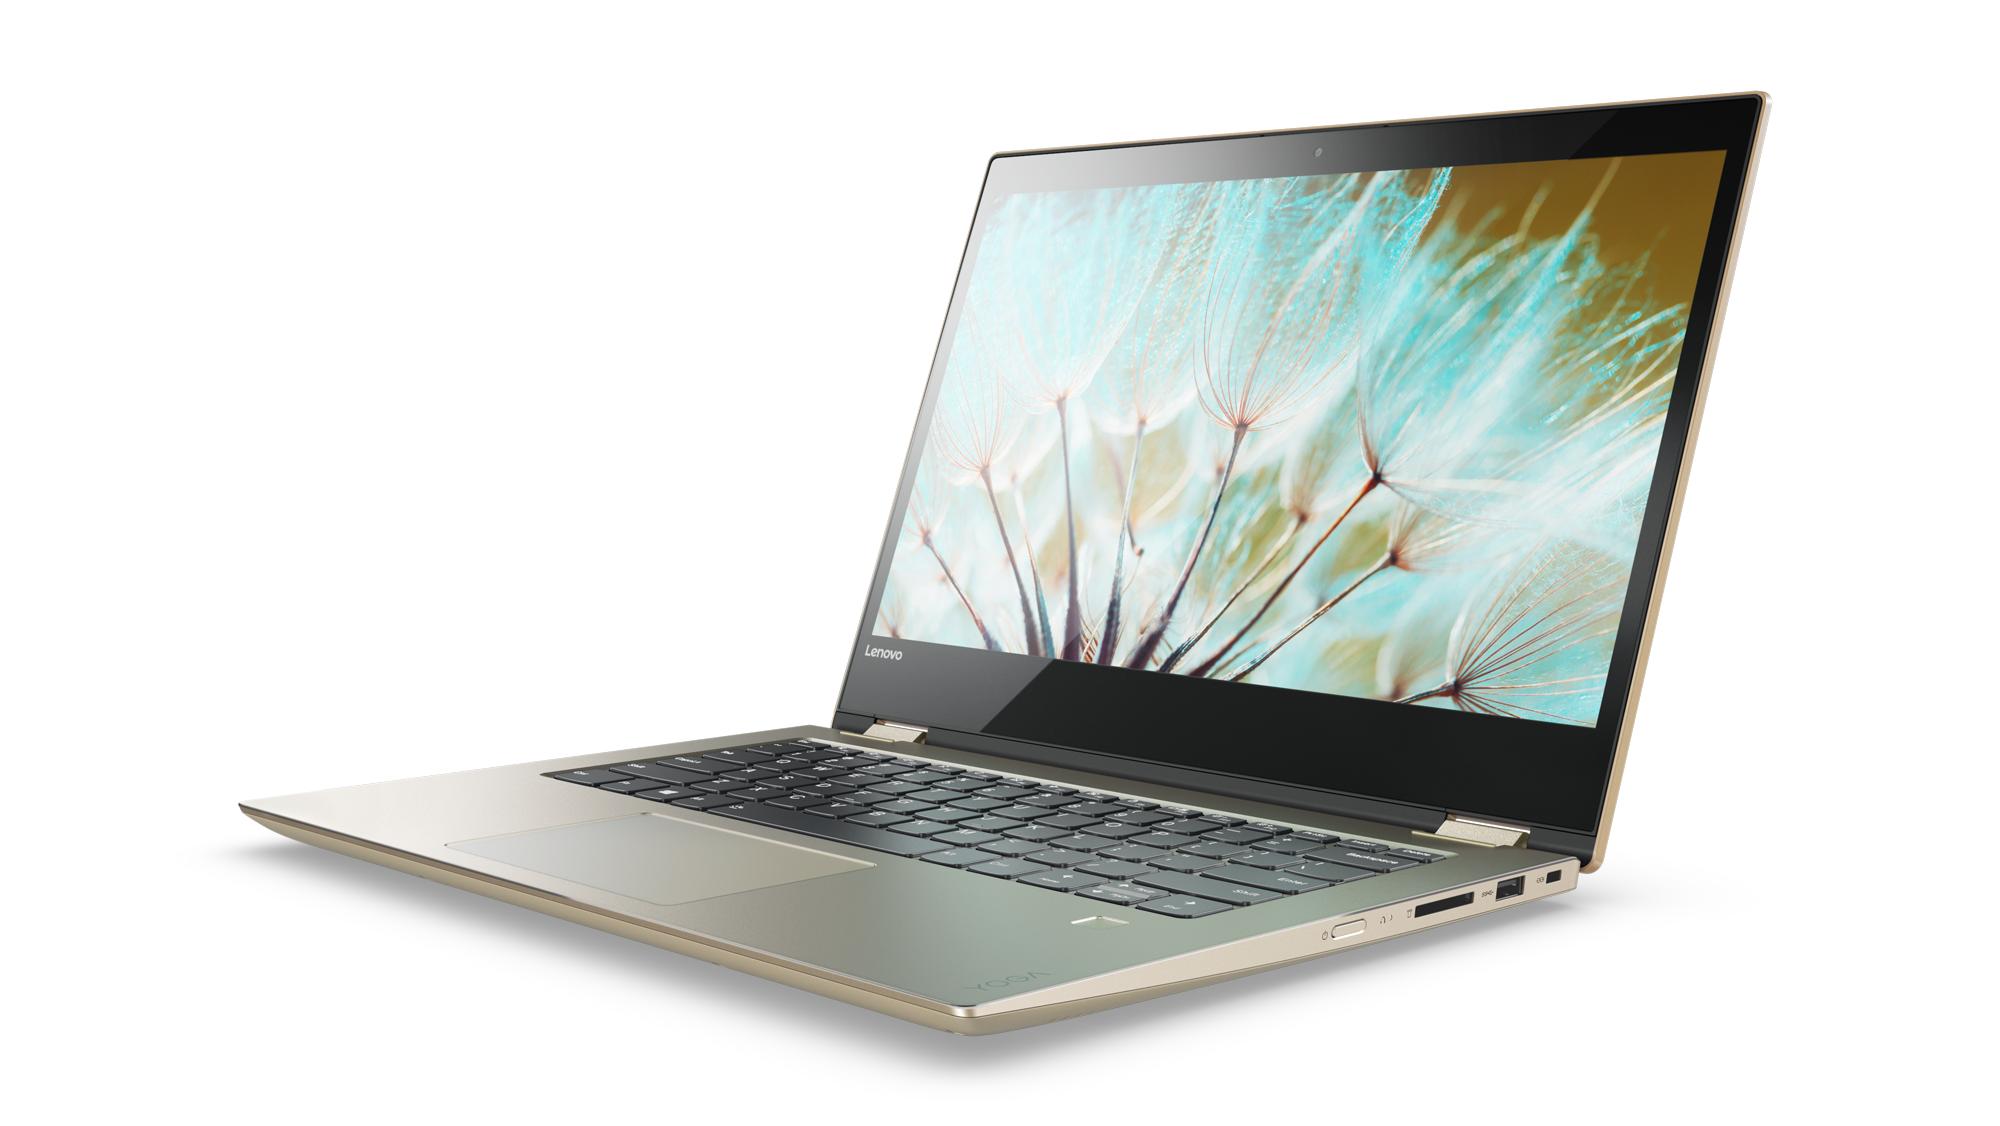 Lenovo IdeaPad YOGA 520-14IKB 14.0 FHD IPS AG T/4415U/4G/256G/INT/W10H/Backlit/Zlatá